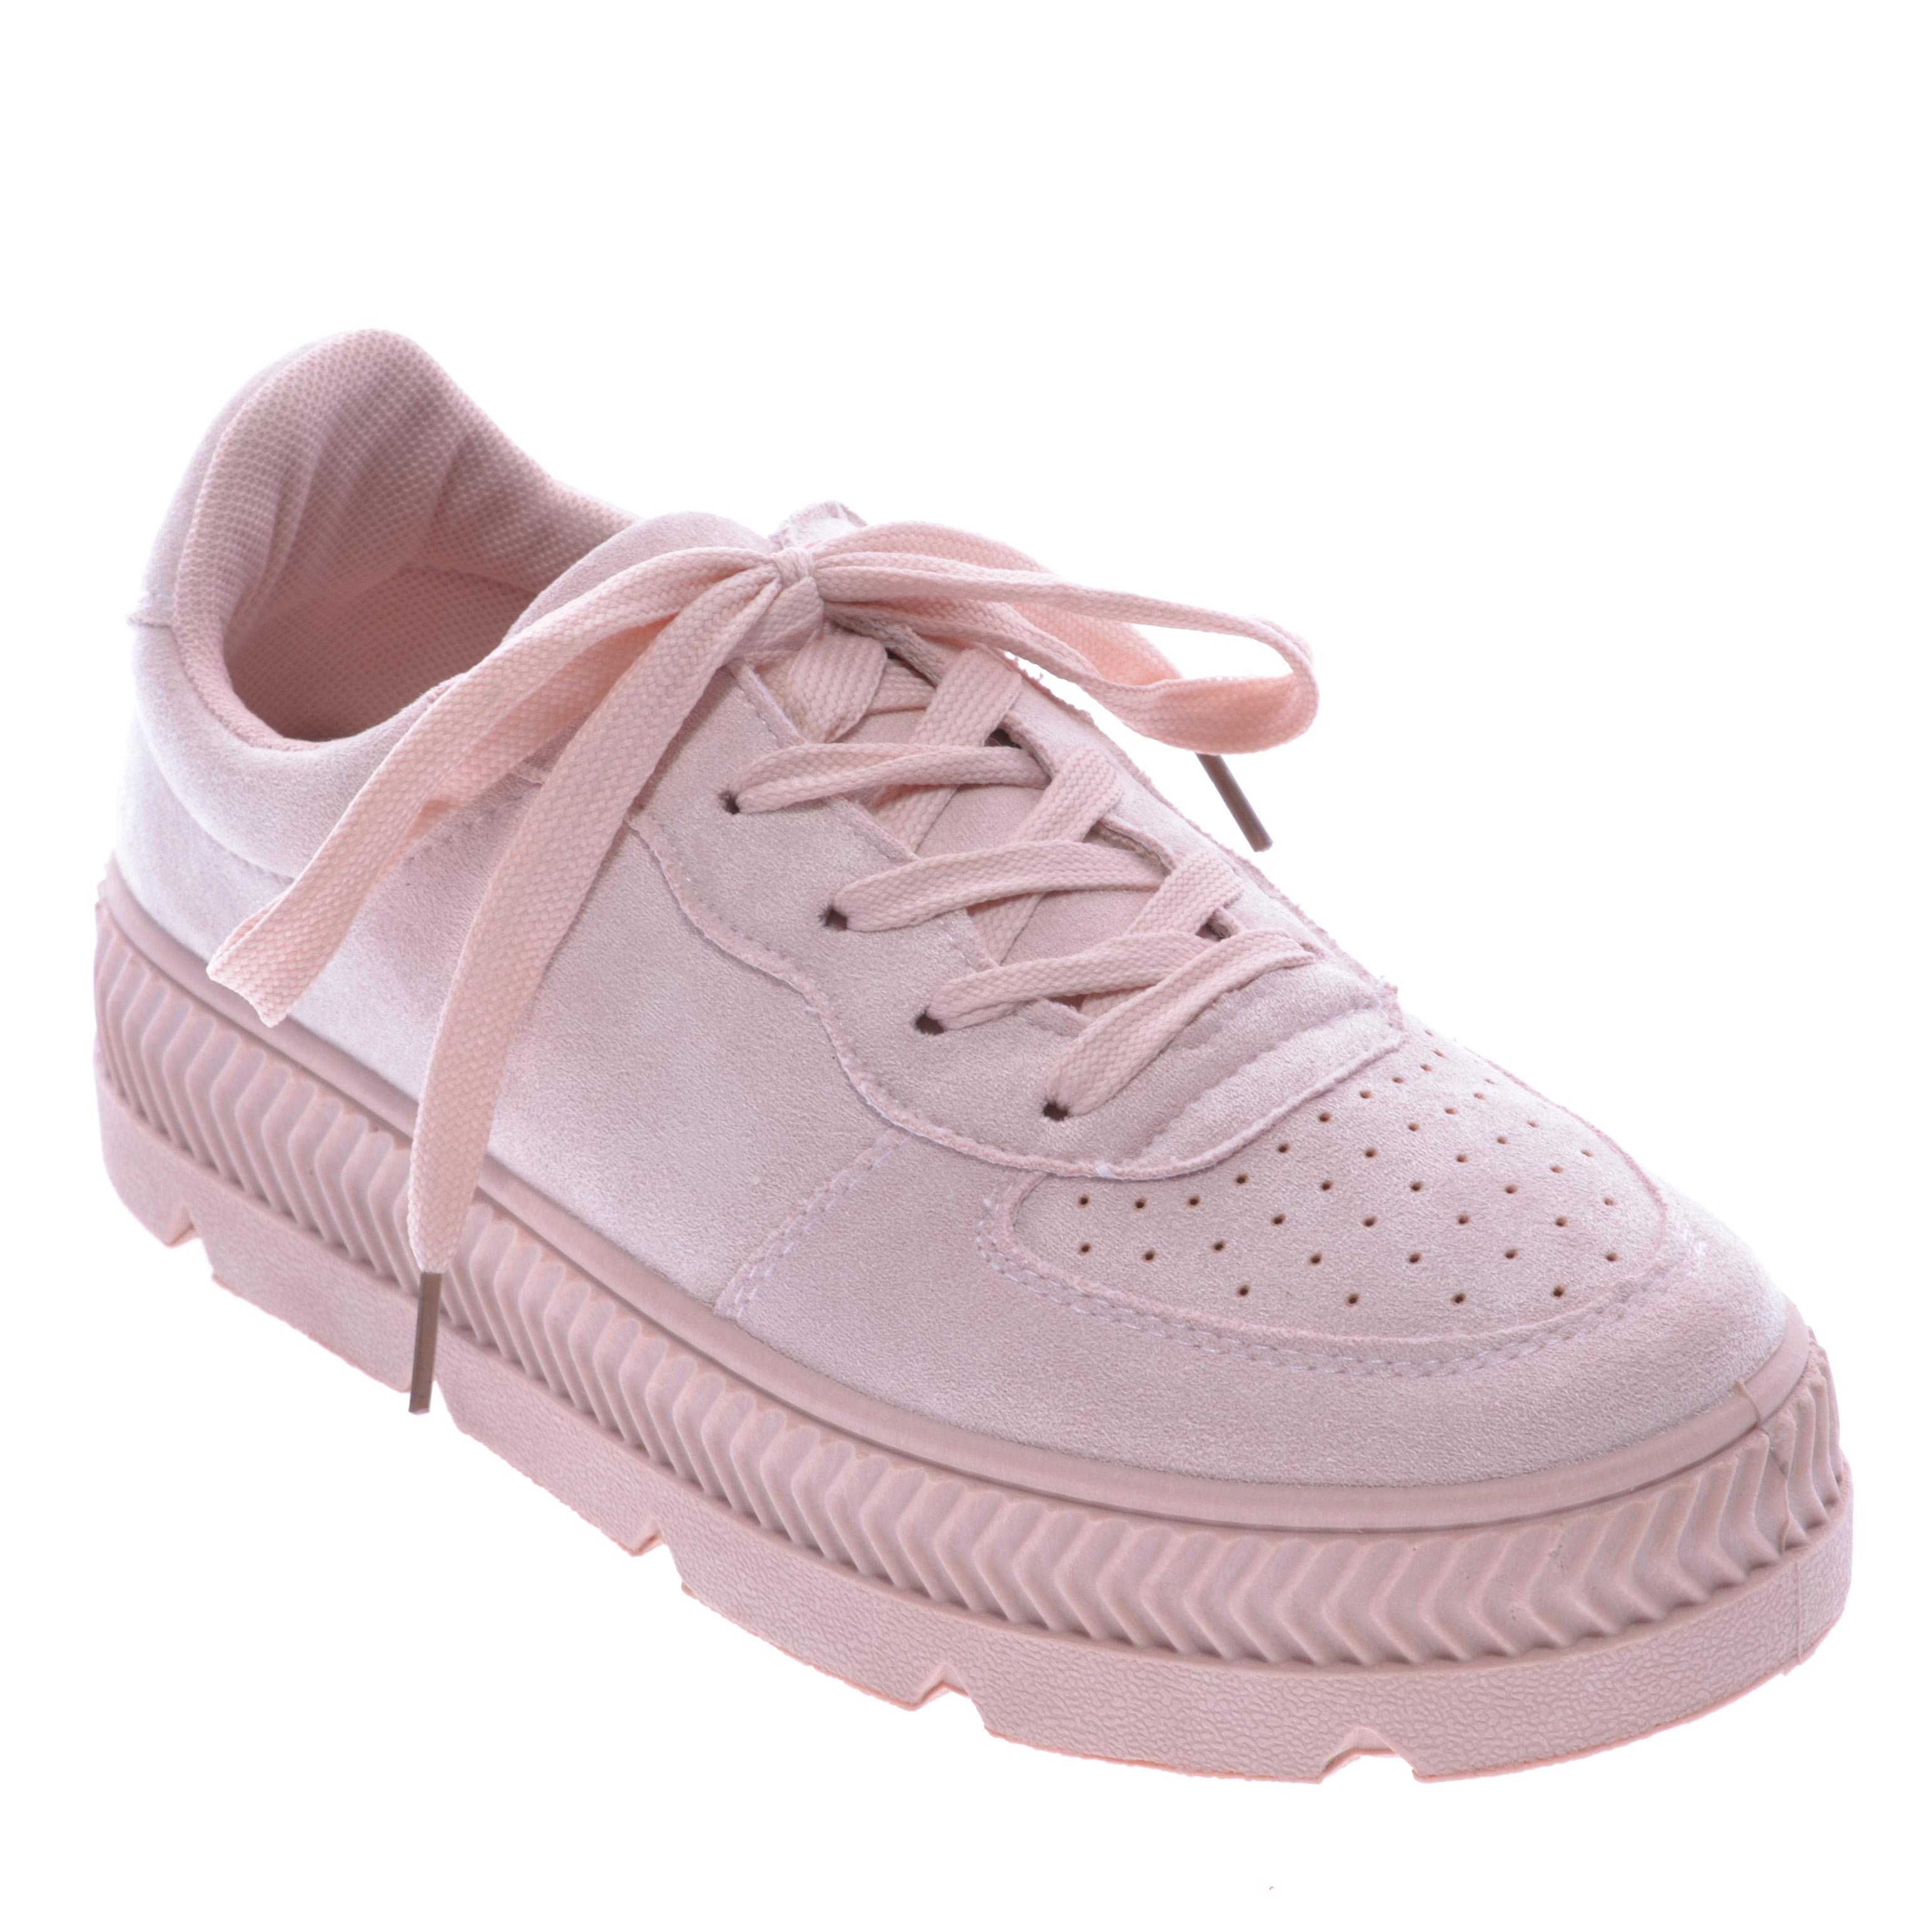 3bf383222726 Női Művelúr Vastag Talpú Cipő Rózsaszín - UTCAI CIPŐK - Női cipő webáruház-női  csizmák, női bakancsok, magassarkúk, női gumicsizma, magassarkú csizma, ...